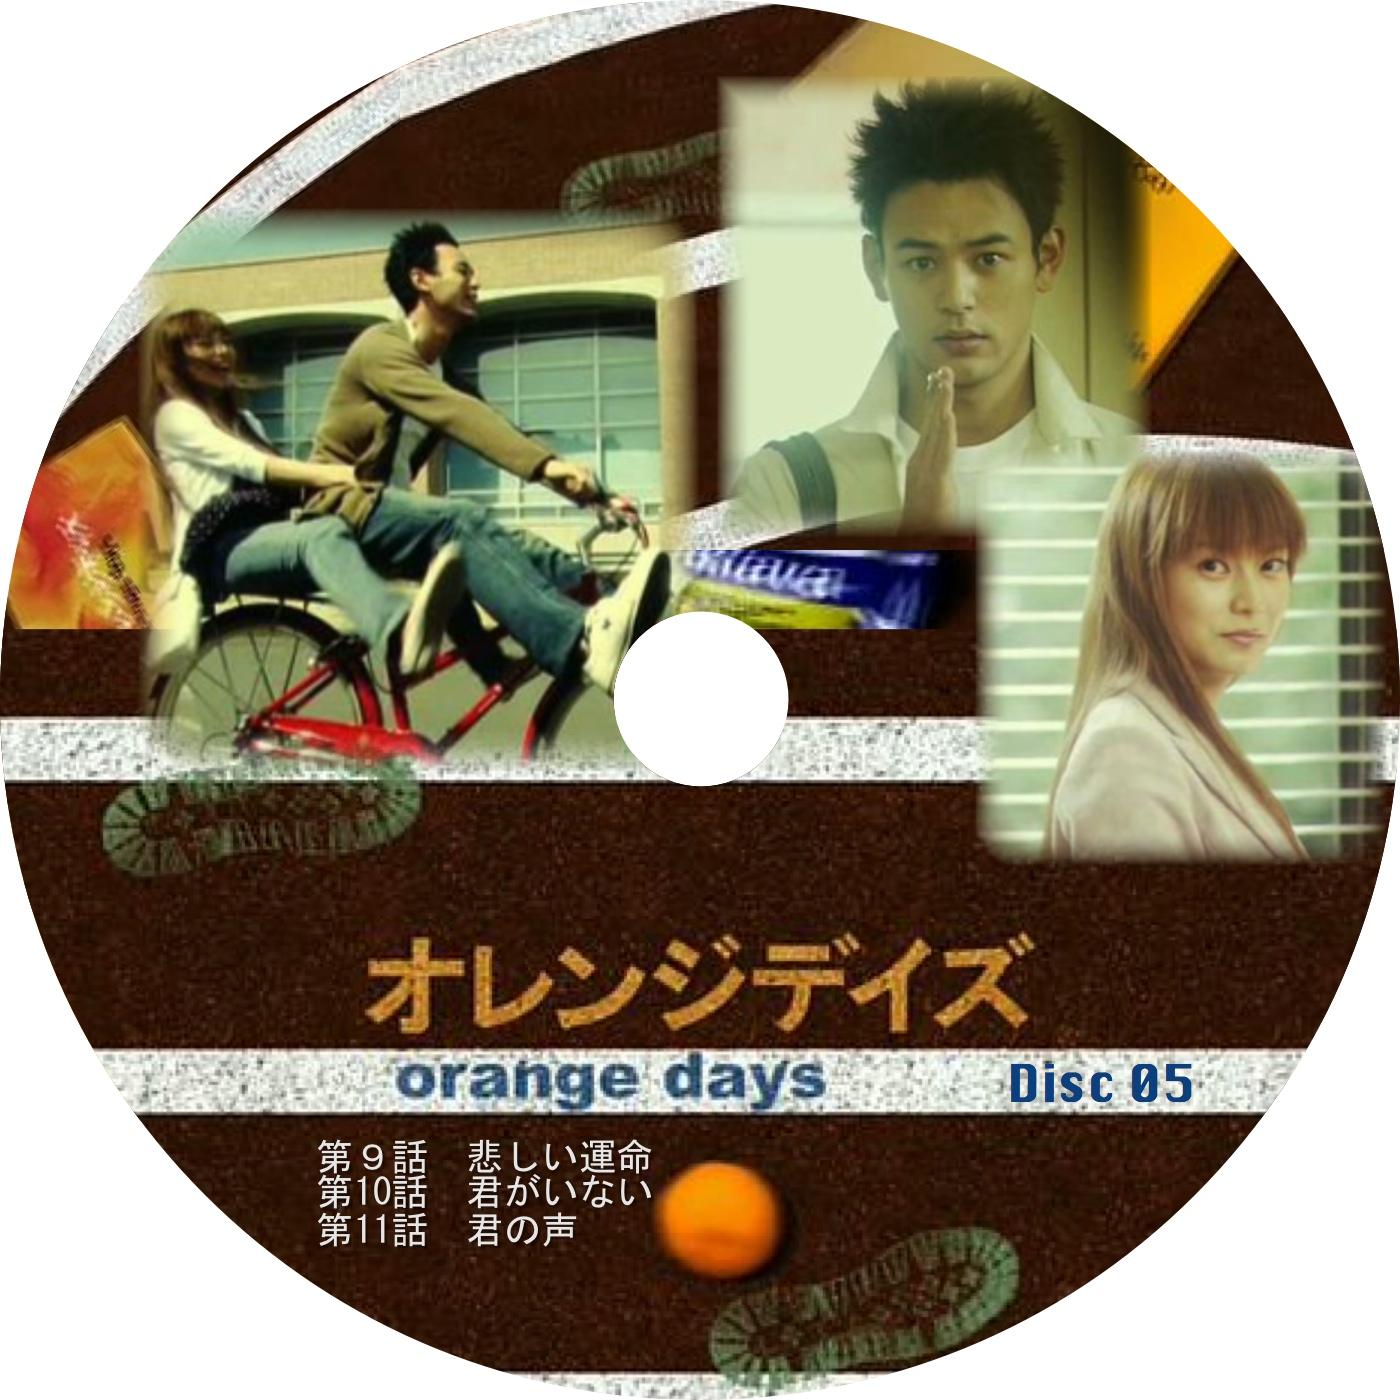 オレンジデイズ DVD-BOX メディアファクトリー 格安価格: 読書の季節